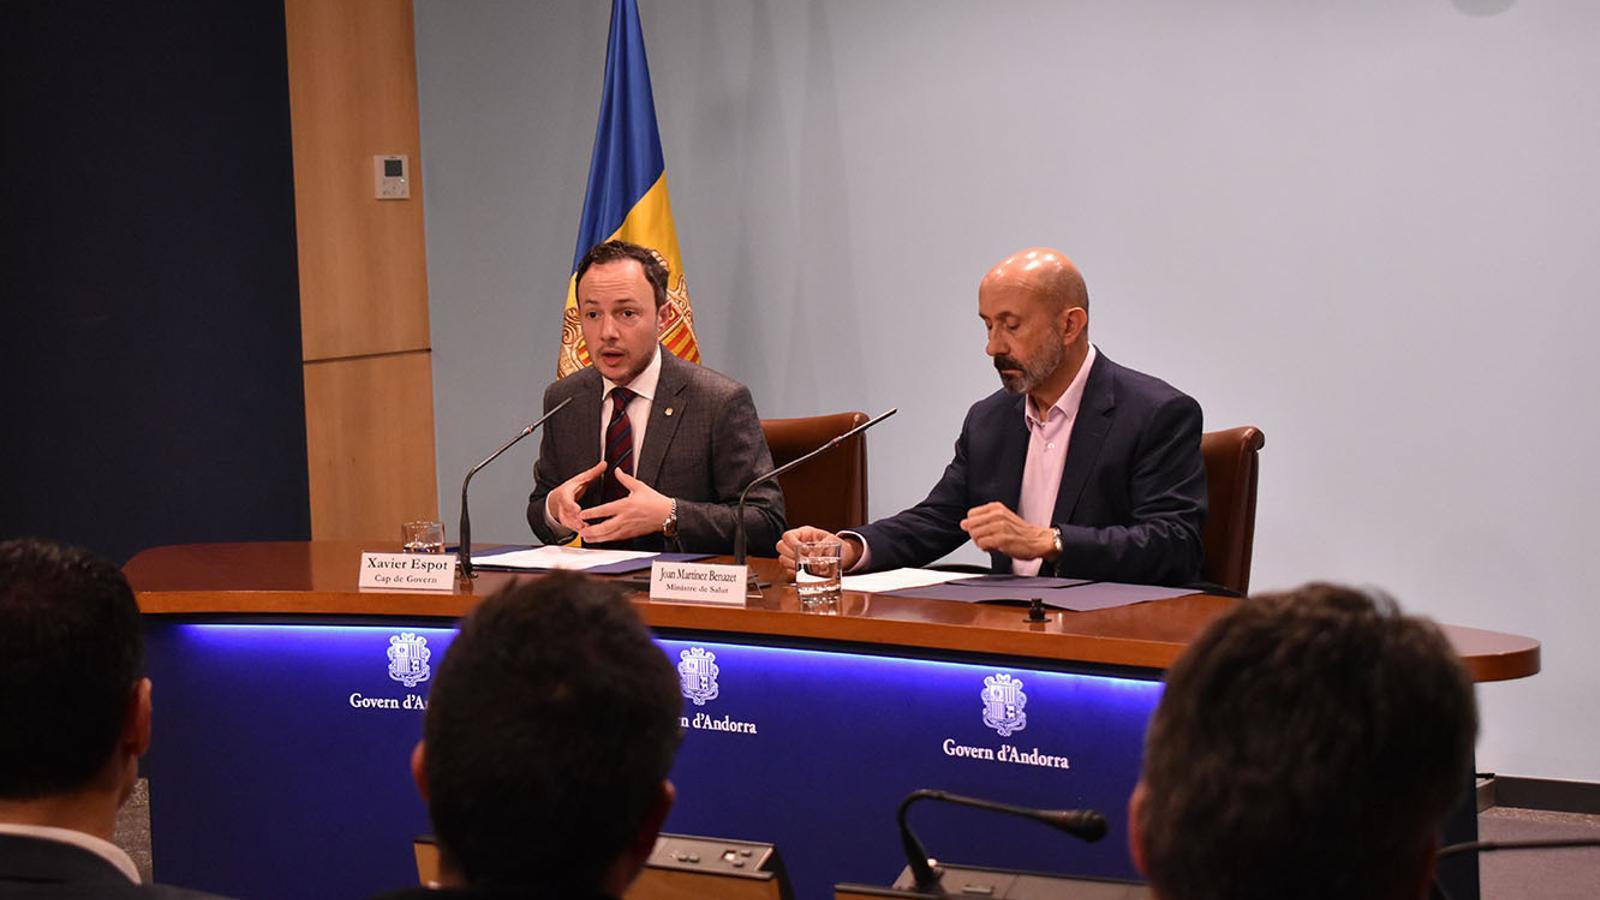 El cap de Govern, Xavier Espot, i el ministre de Salut, Joan Martínez Benazet aquest dijous a la nit. / M. F. (ANA)